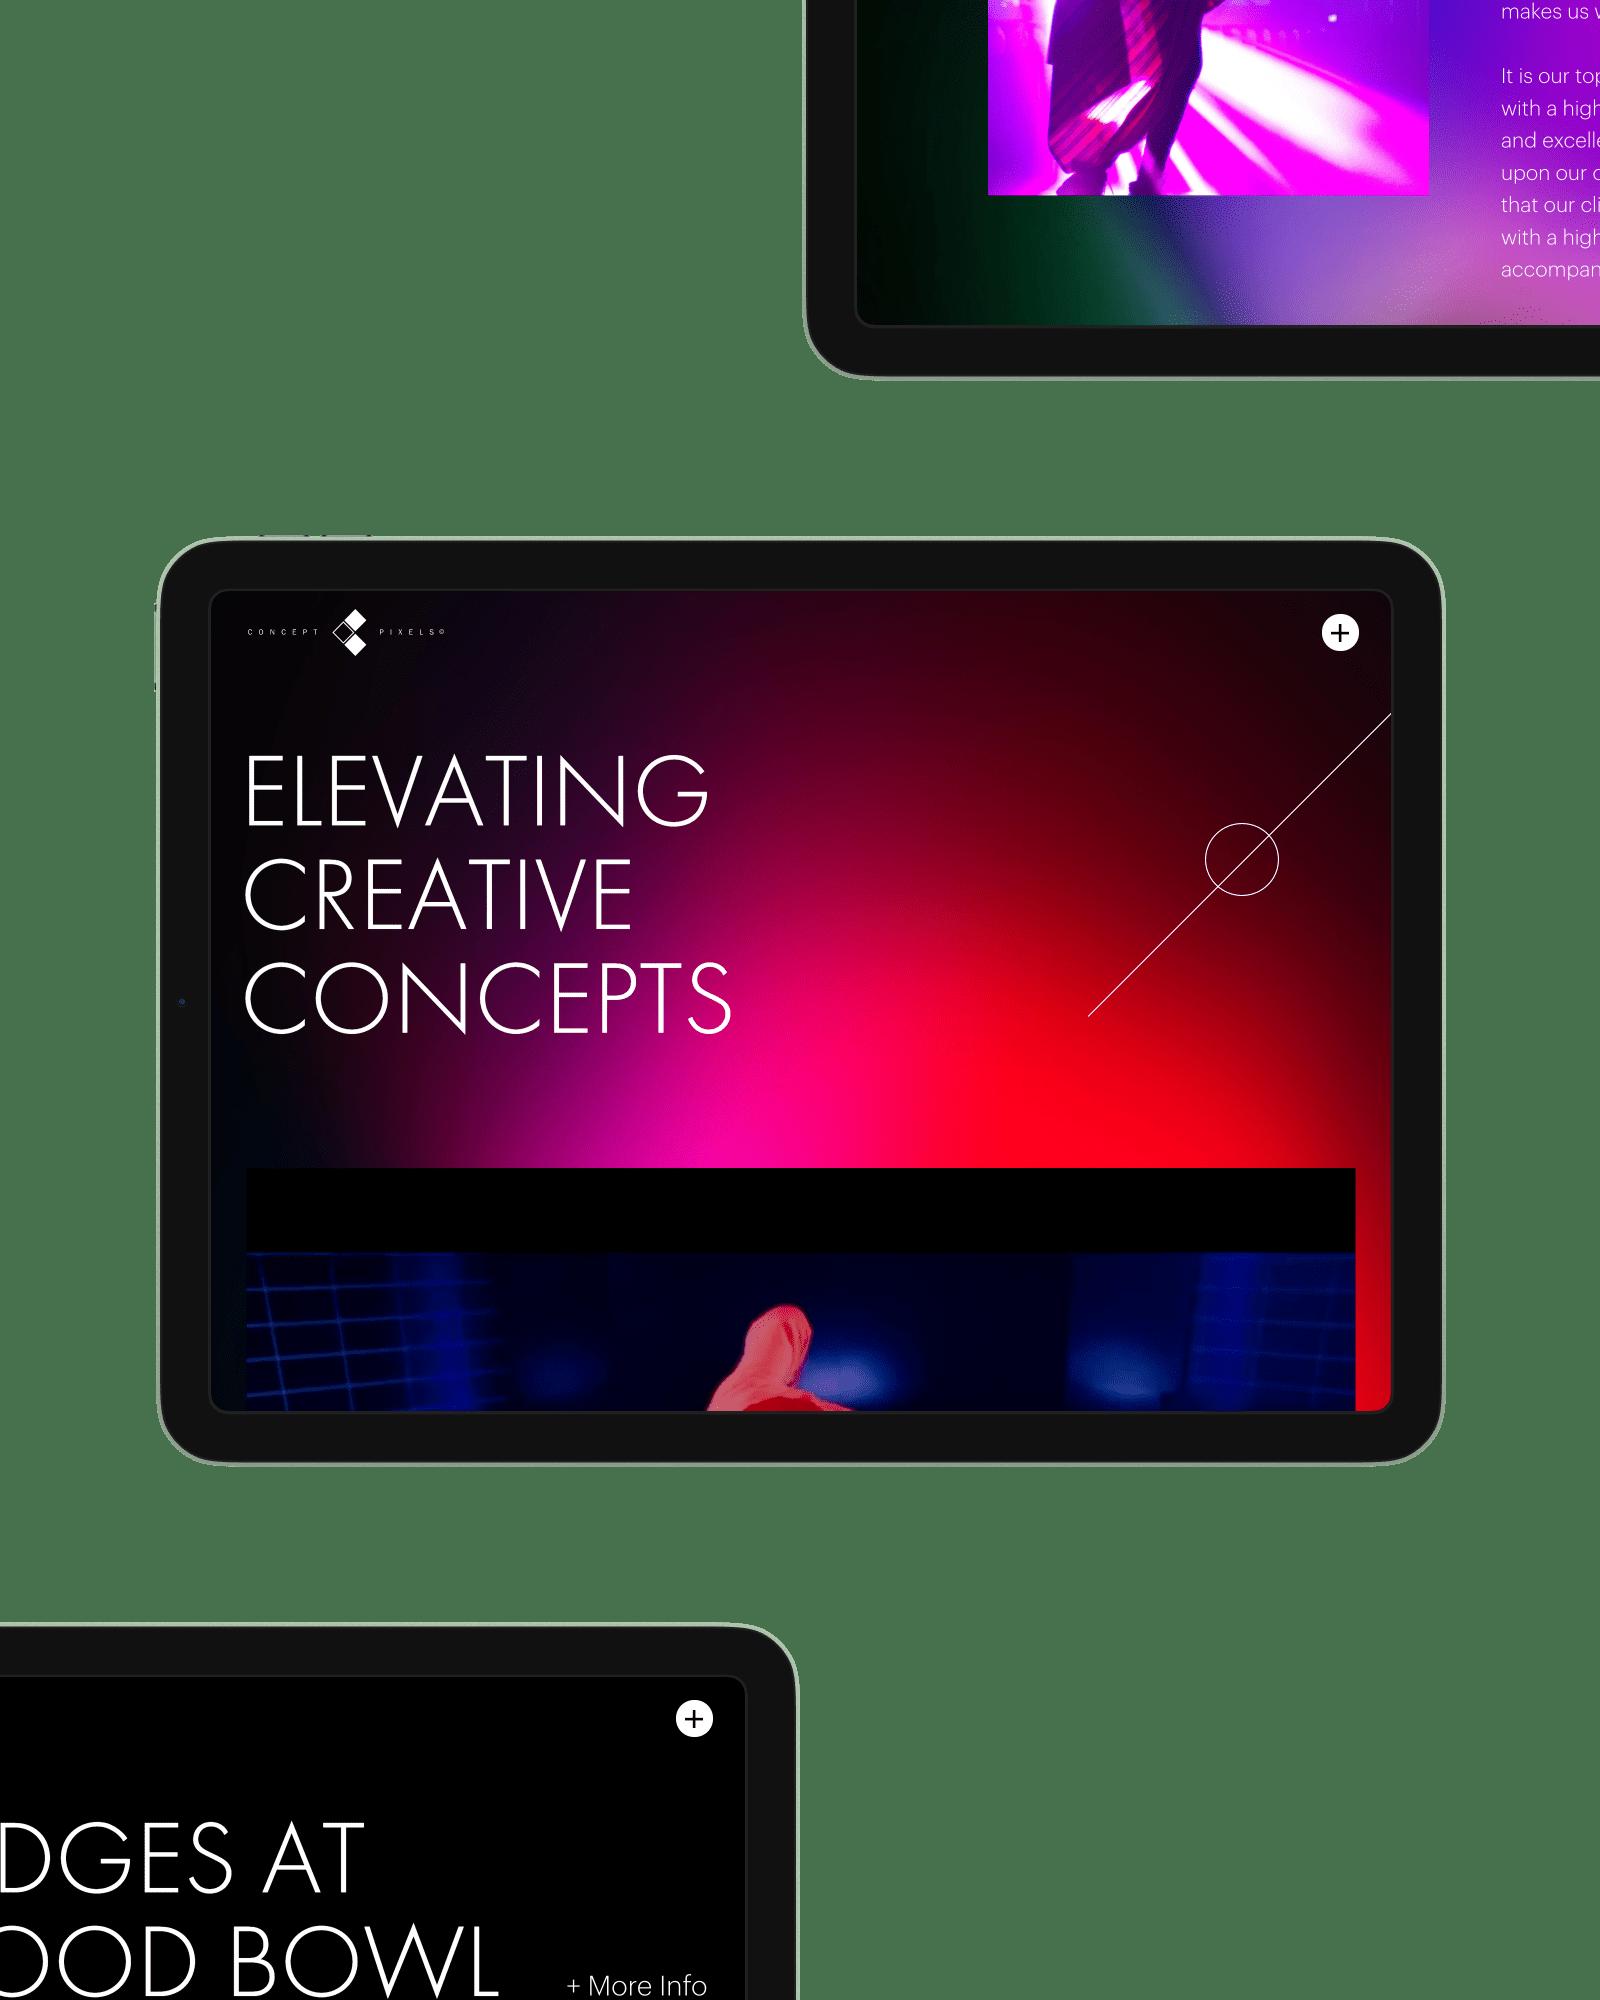 Concept Pixels, Inc.